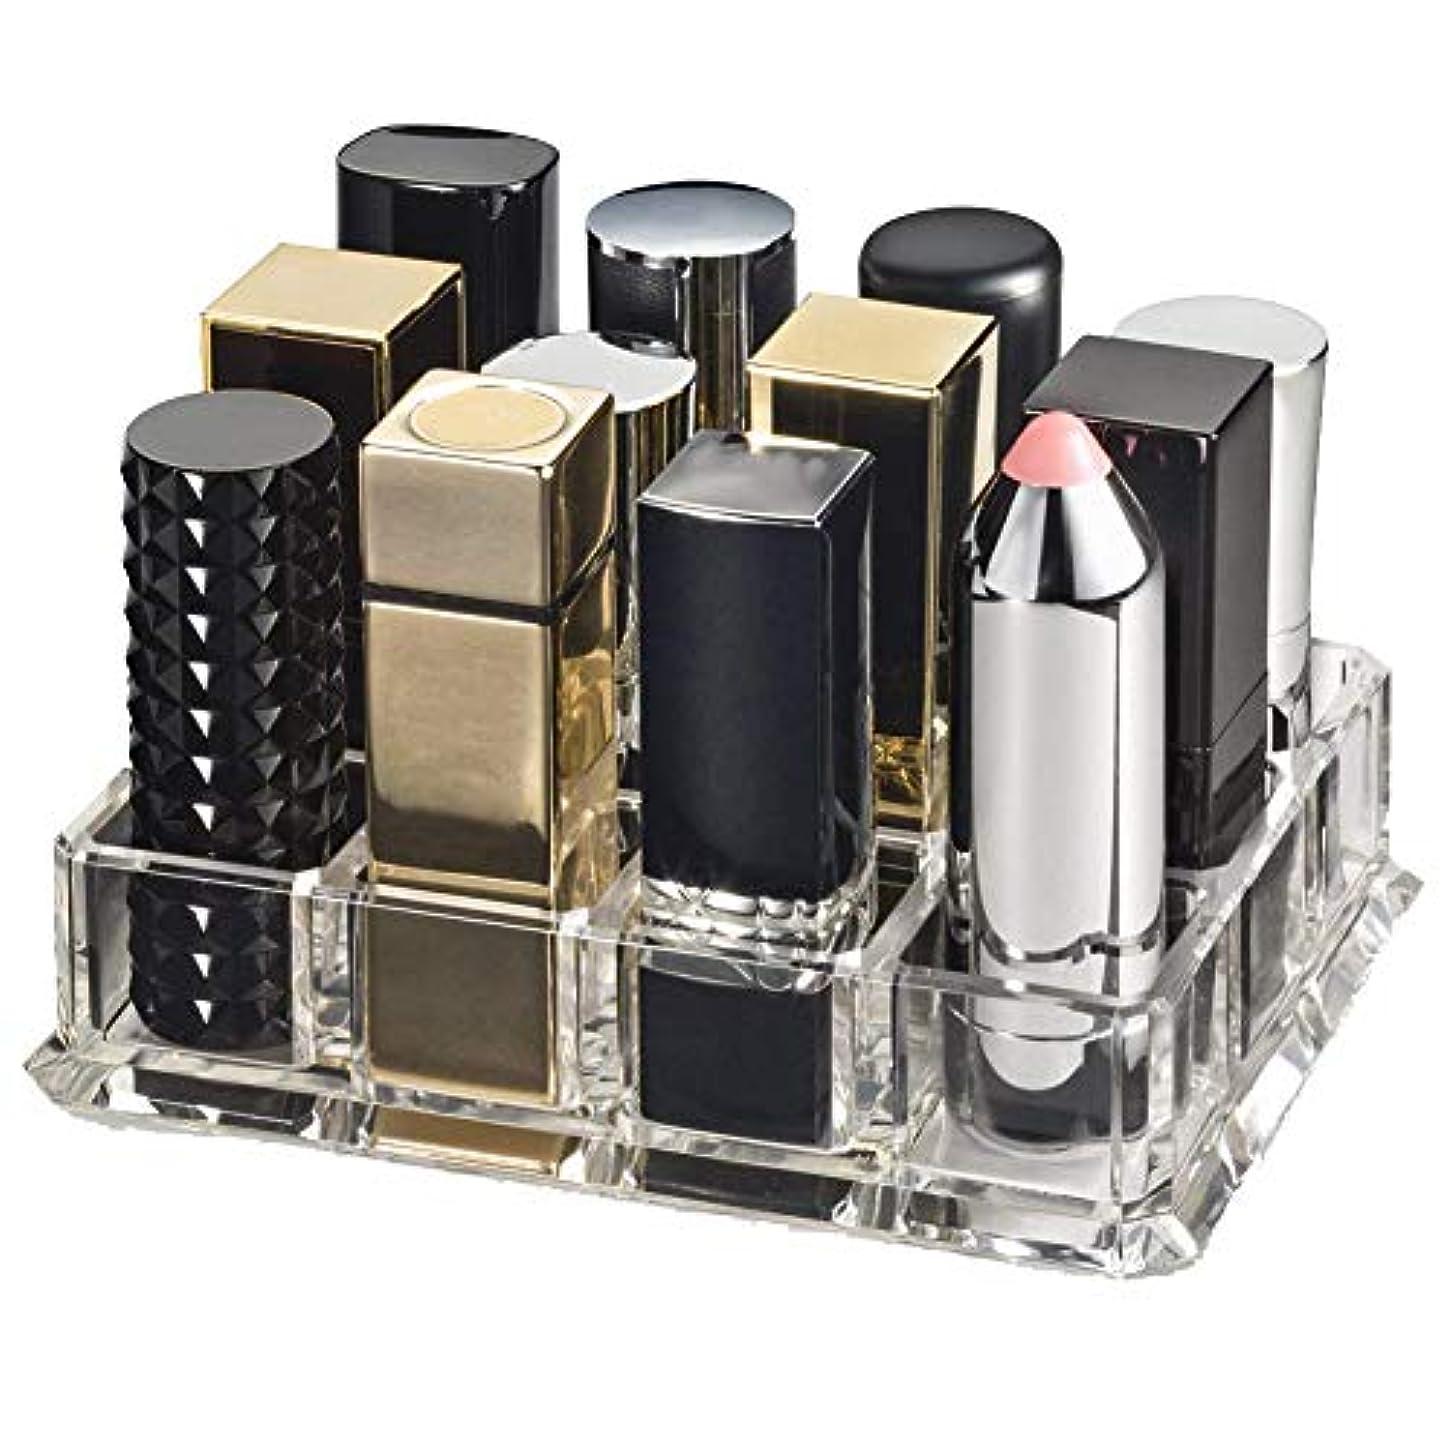 引き潮日帰り旅行に巻き取りhamulekfae-化粧品綺麗クリアアクリル口紅オーガナイザー12スペース化粧品収納ボックスケース - 透明